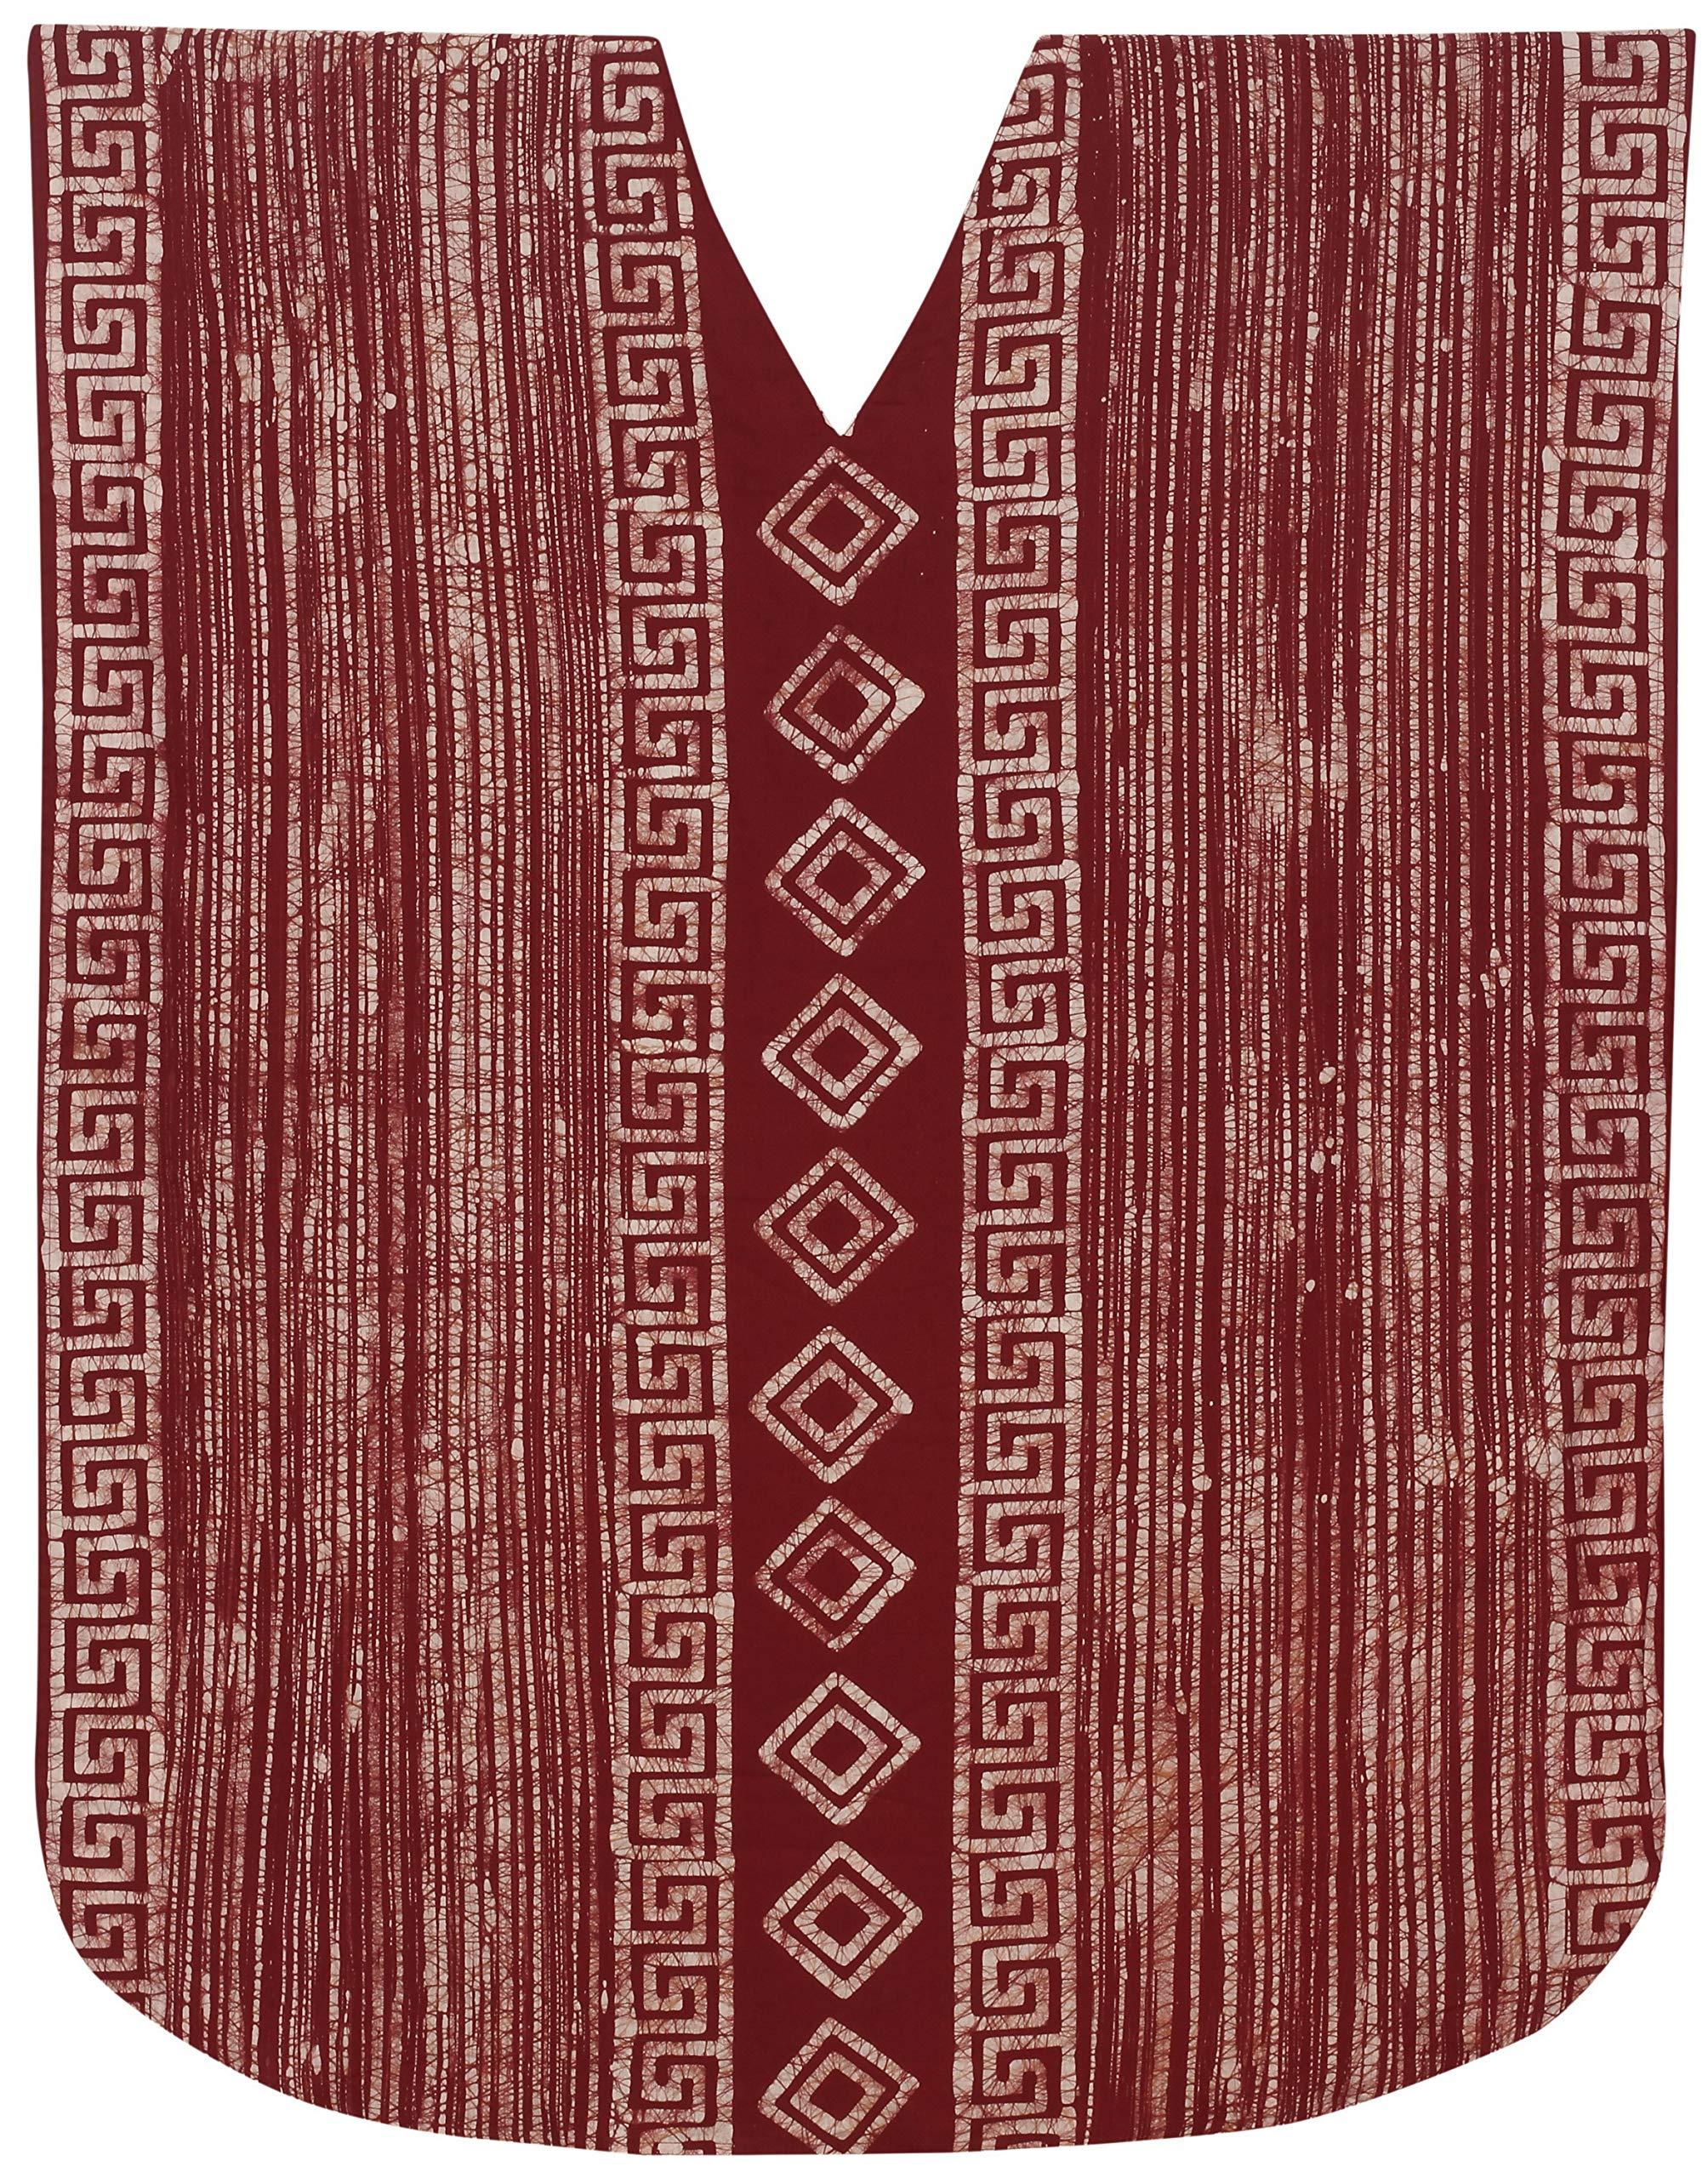 Available at Amazon: LA LEELA Women's Long Caftan Boho Dress Sleep Wear Swim Cover Ups Hand Batik A